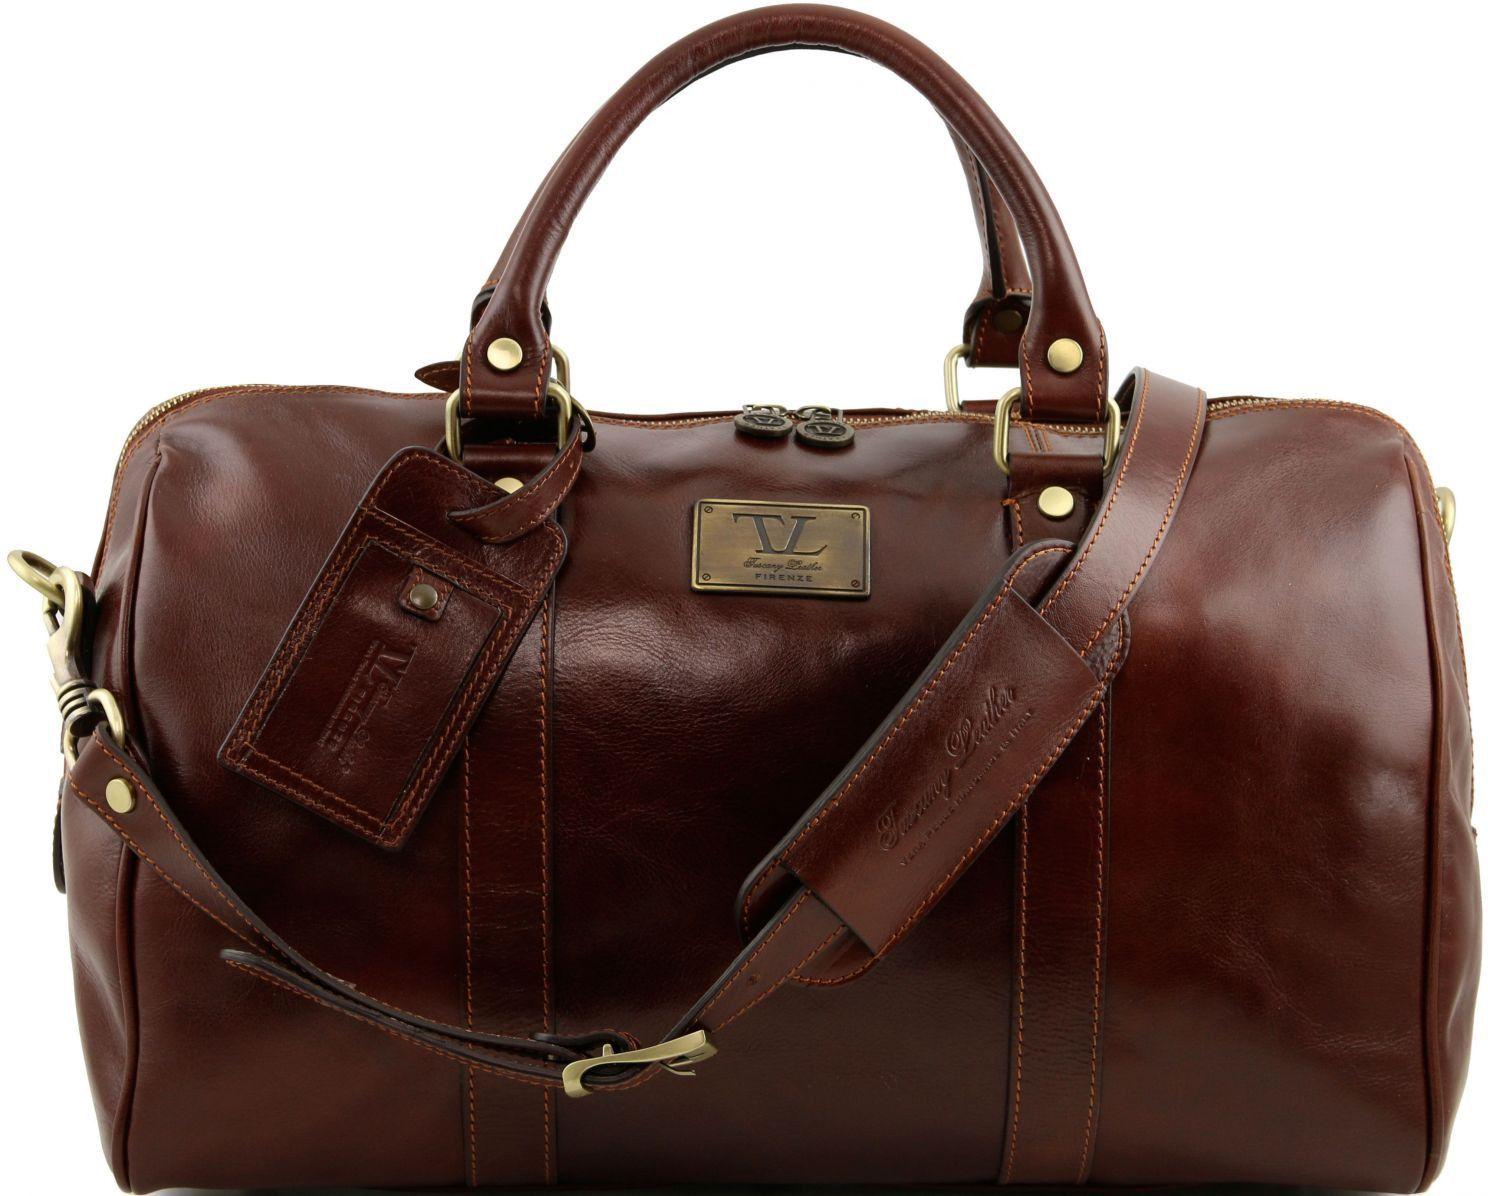 Σάκος Ταξιδίου Δερμάτινος TL Voyager TL141250 Καφέ Tuscany Leather